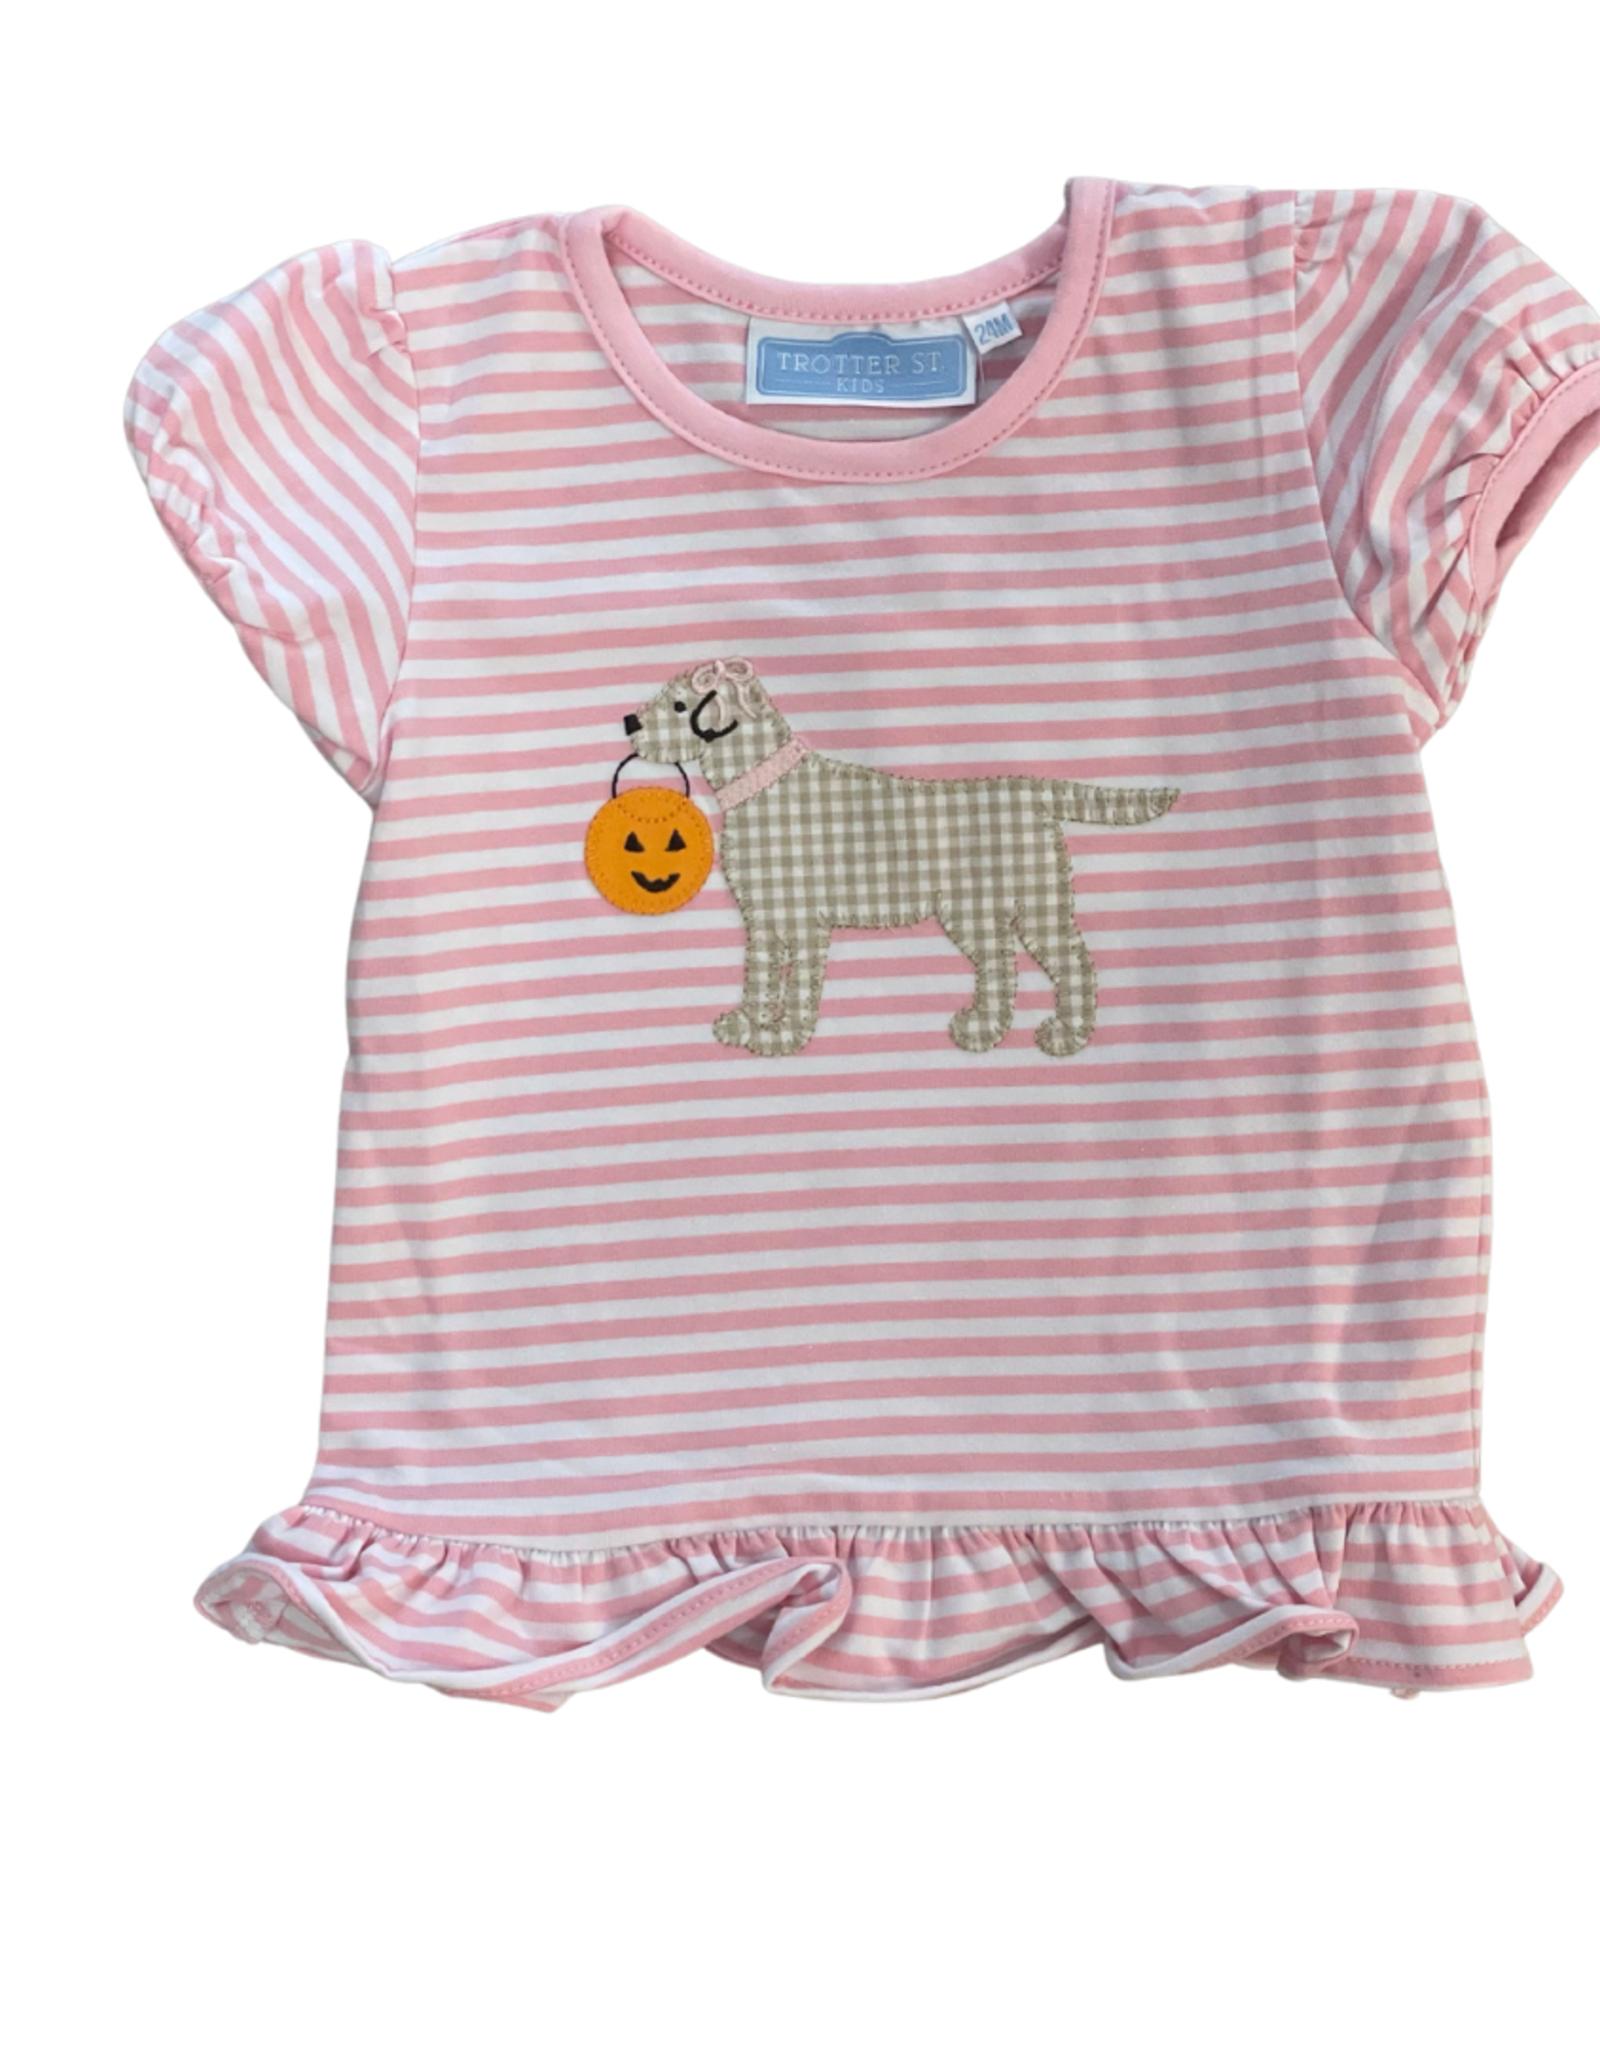 Trotter Street Kids Halloween Puppy S/S Shirt Girl